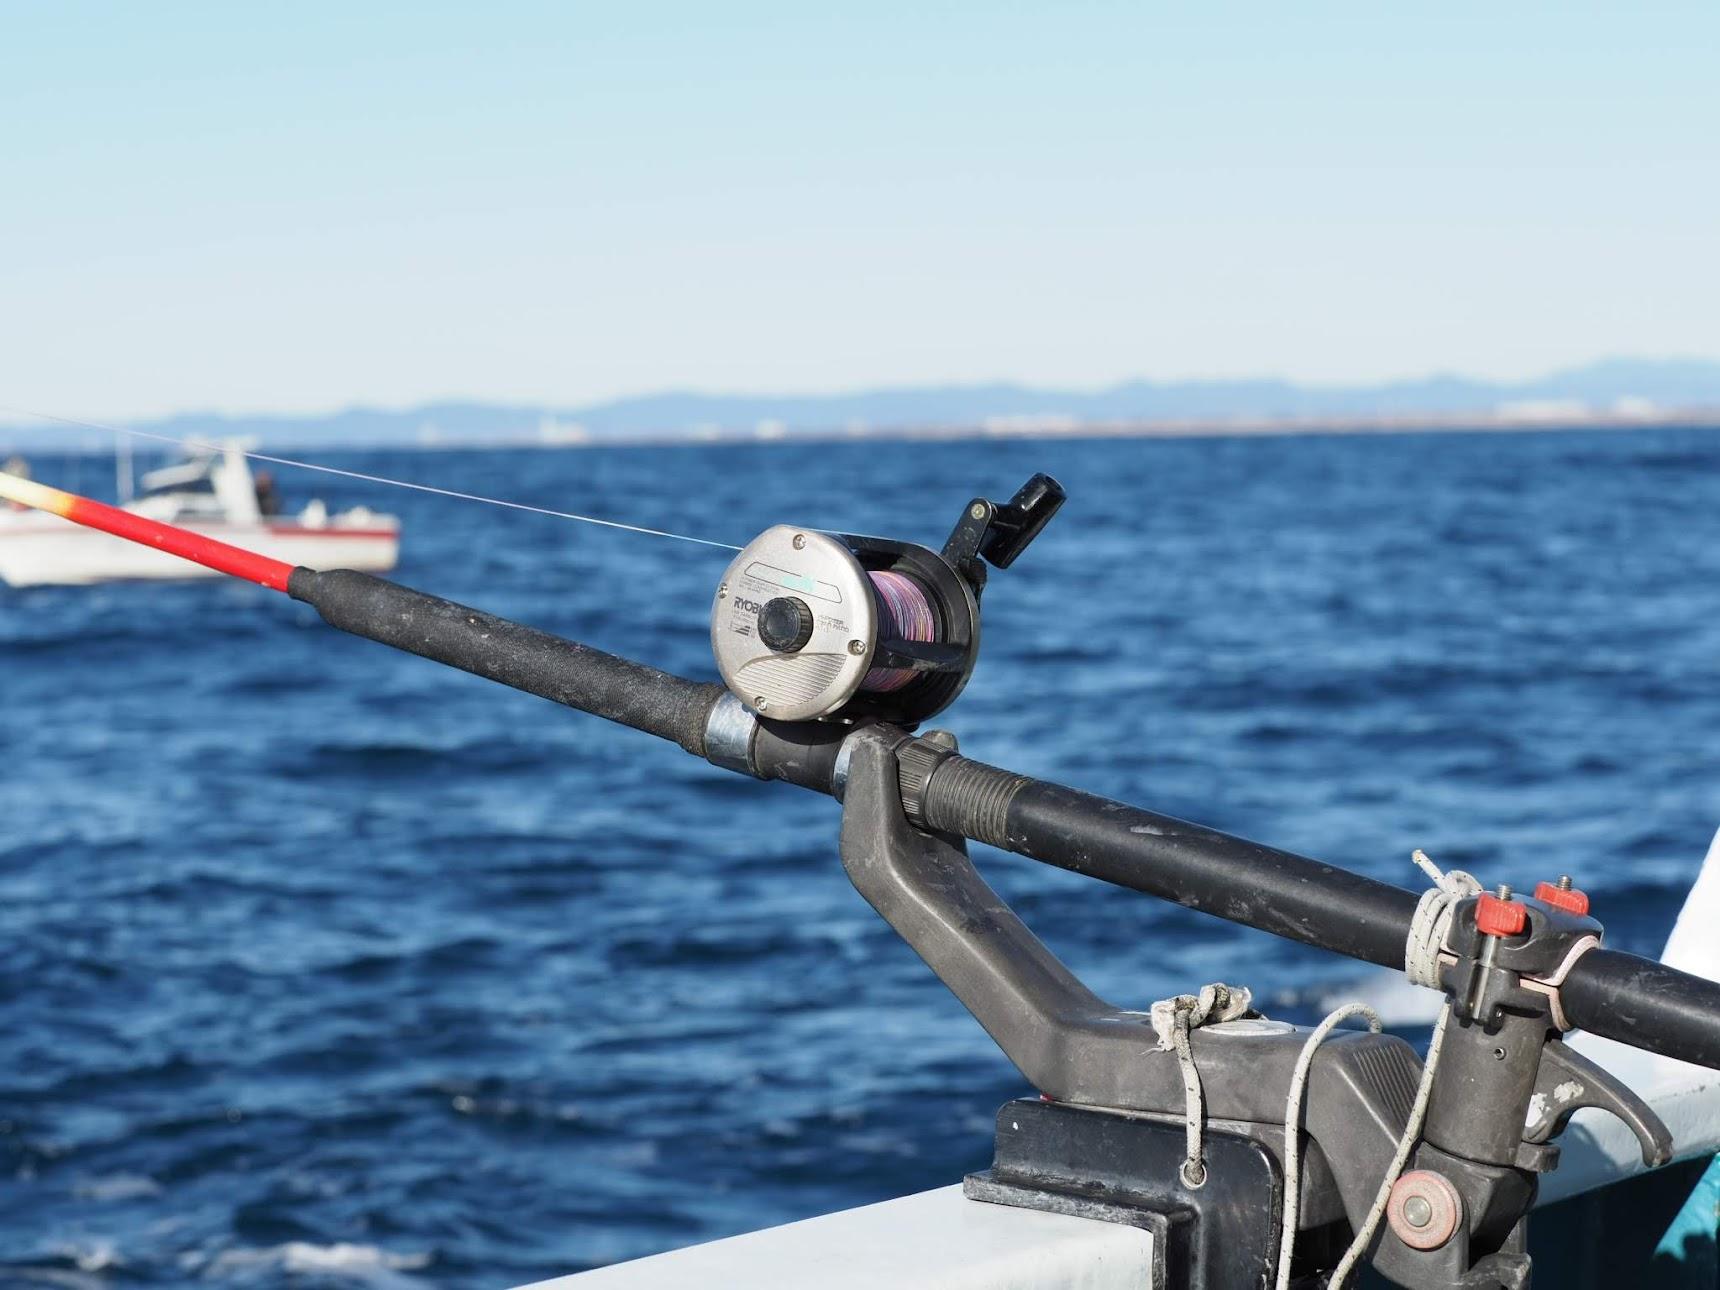 船釣り用の竿とリール